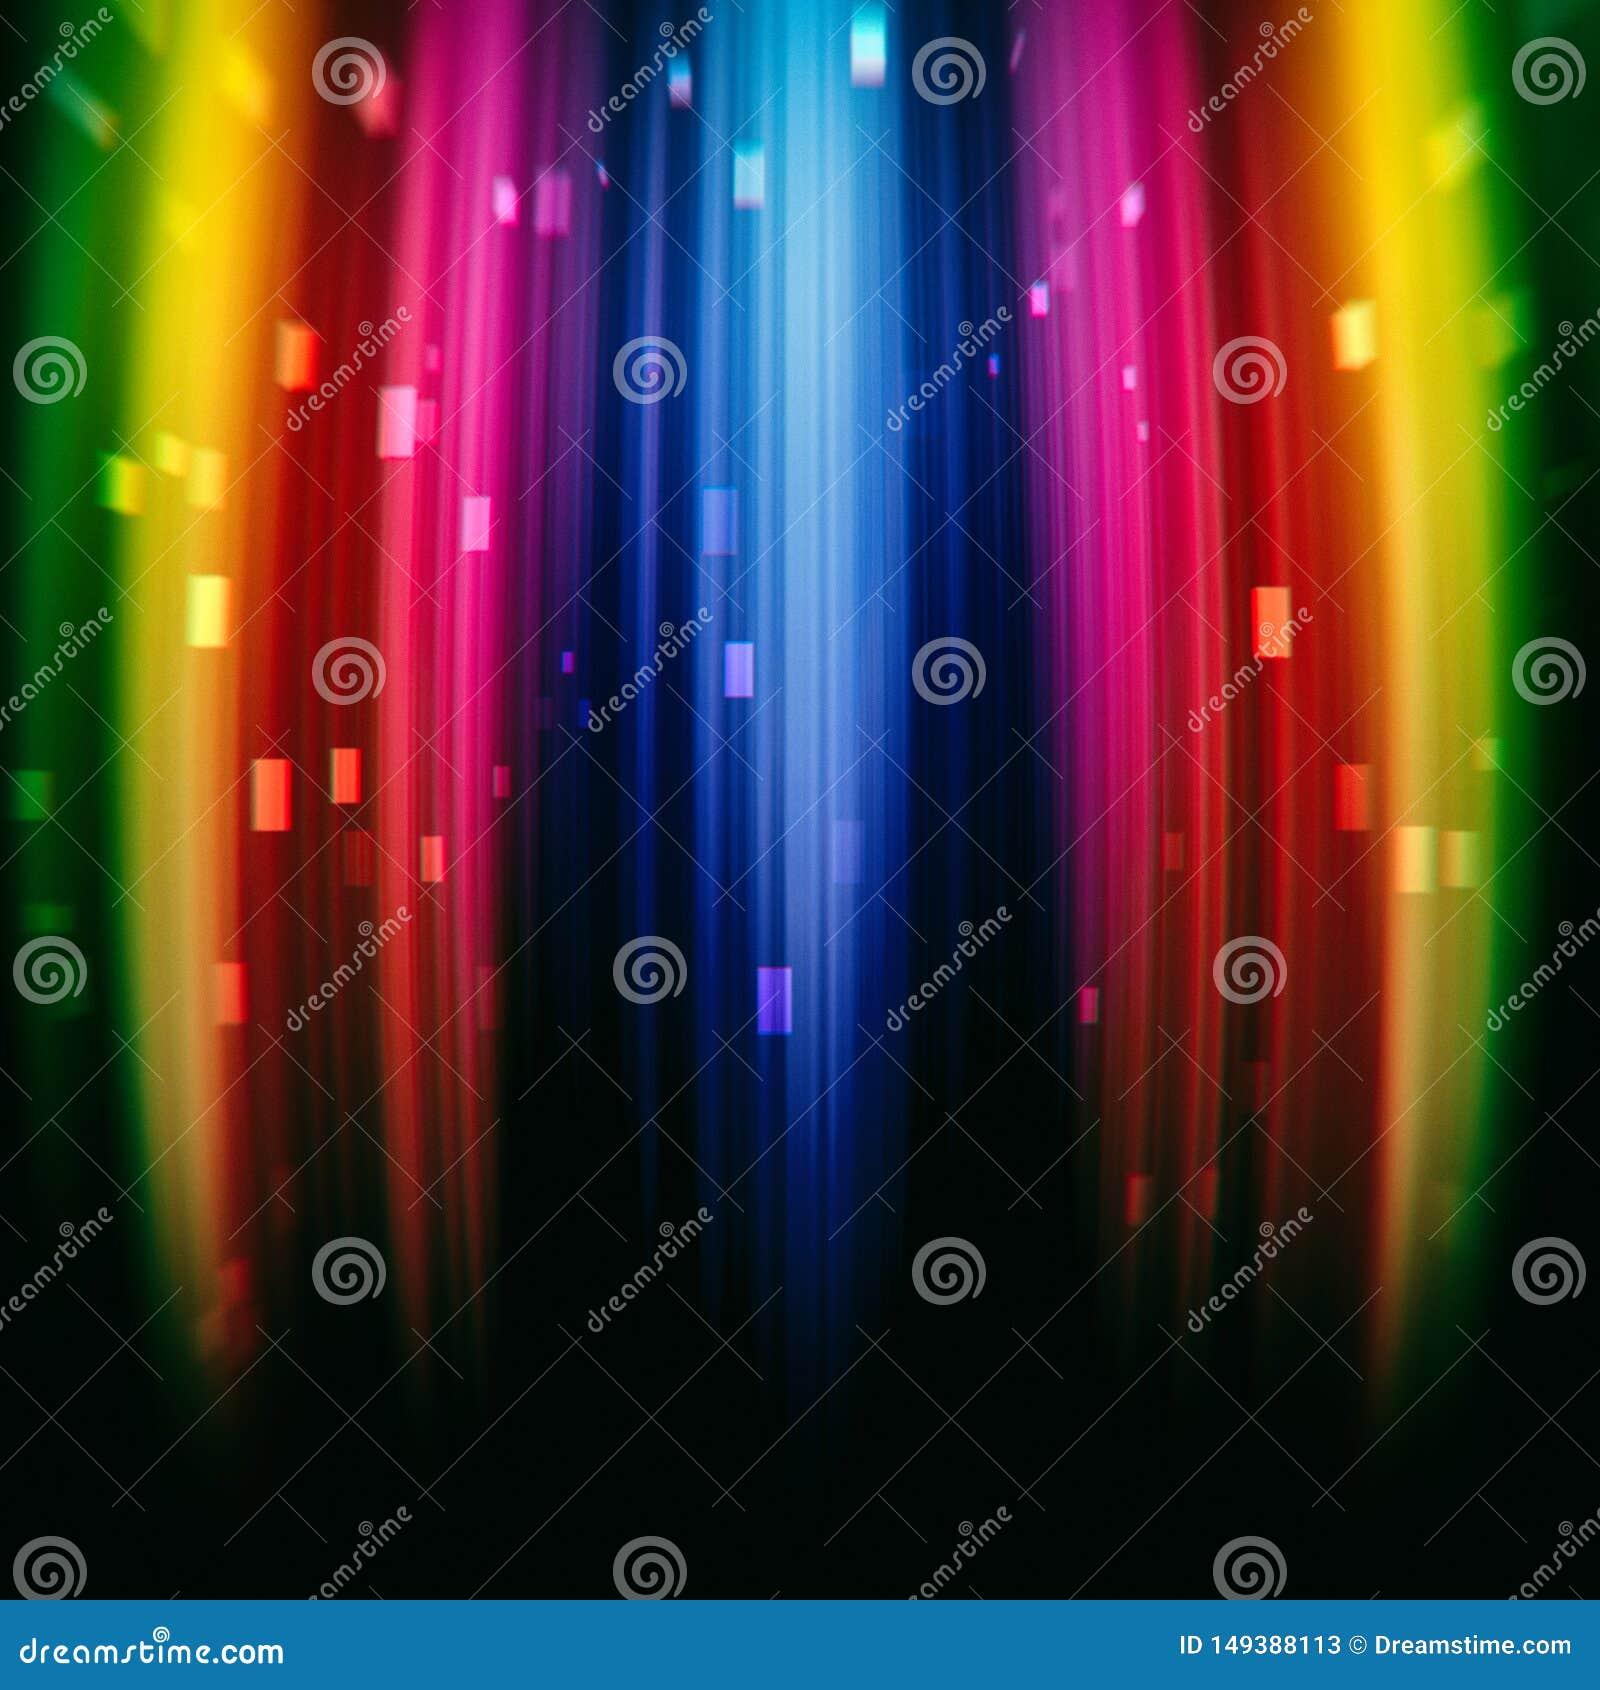 Bright rainbow texture gradient background